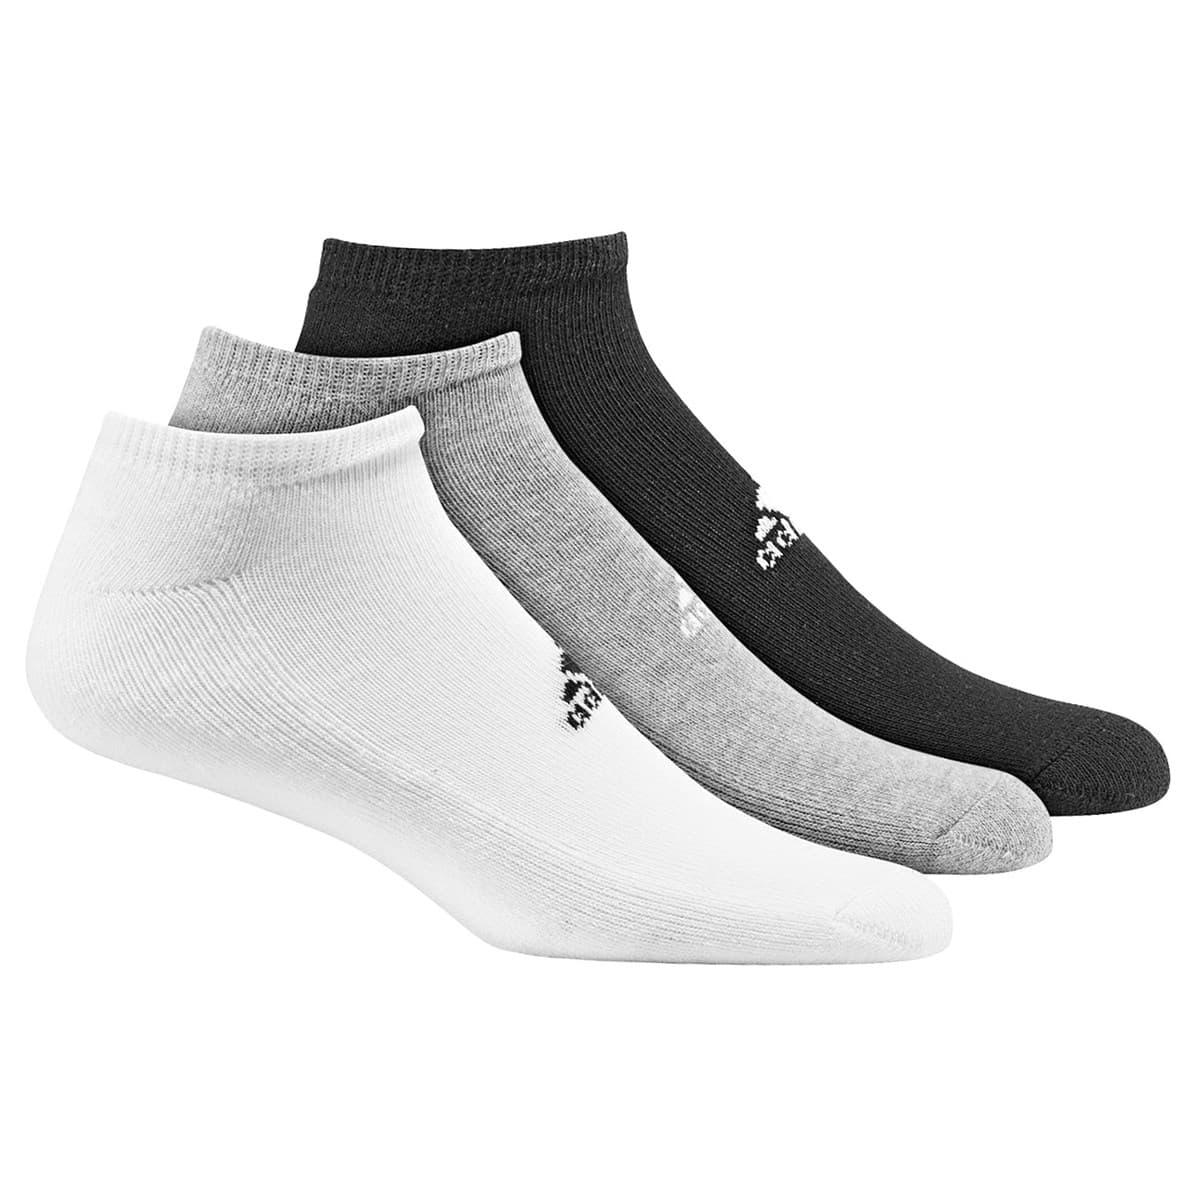 Adiliner Hc 3'lü Siyah Beyaz Gri Spor Çorap